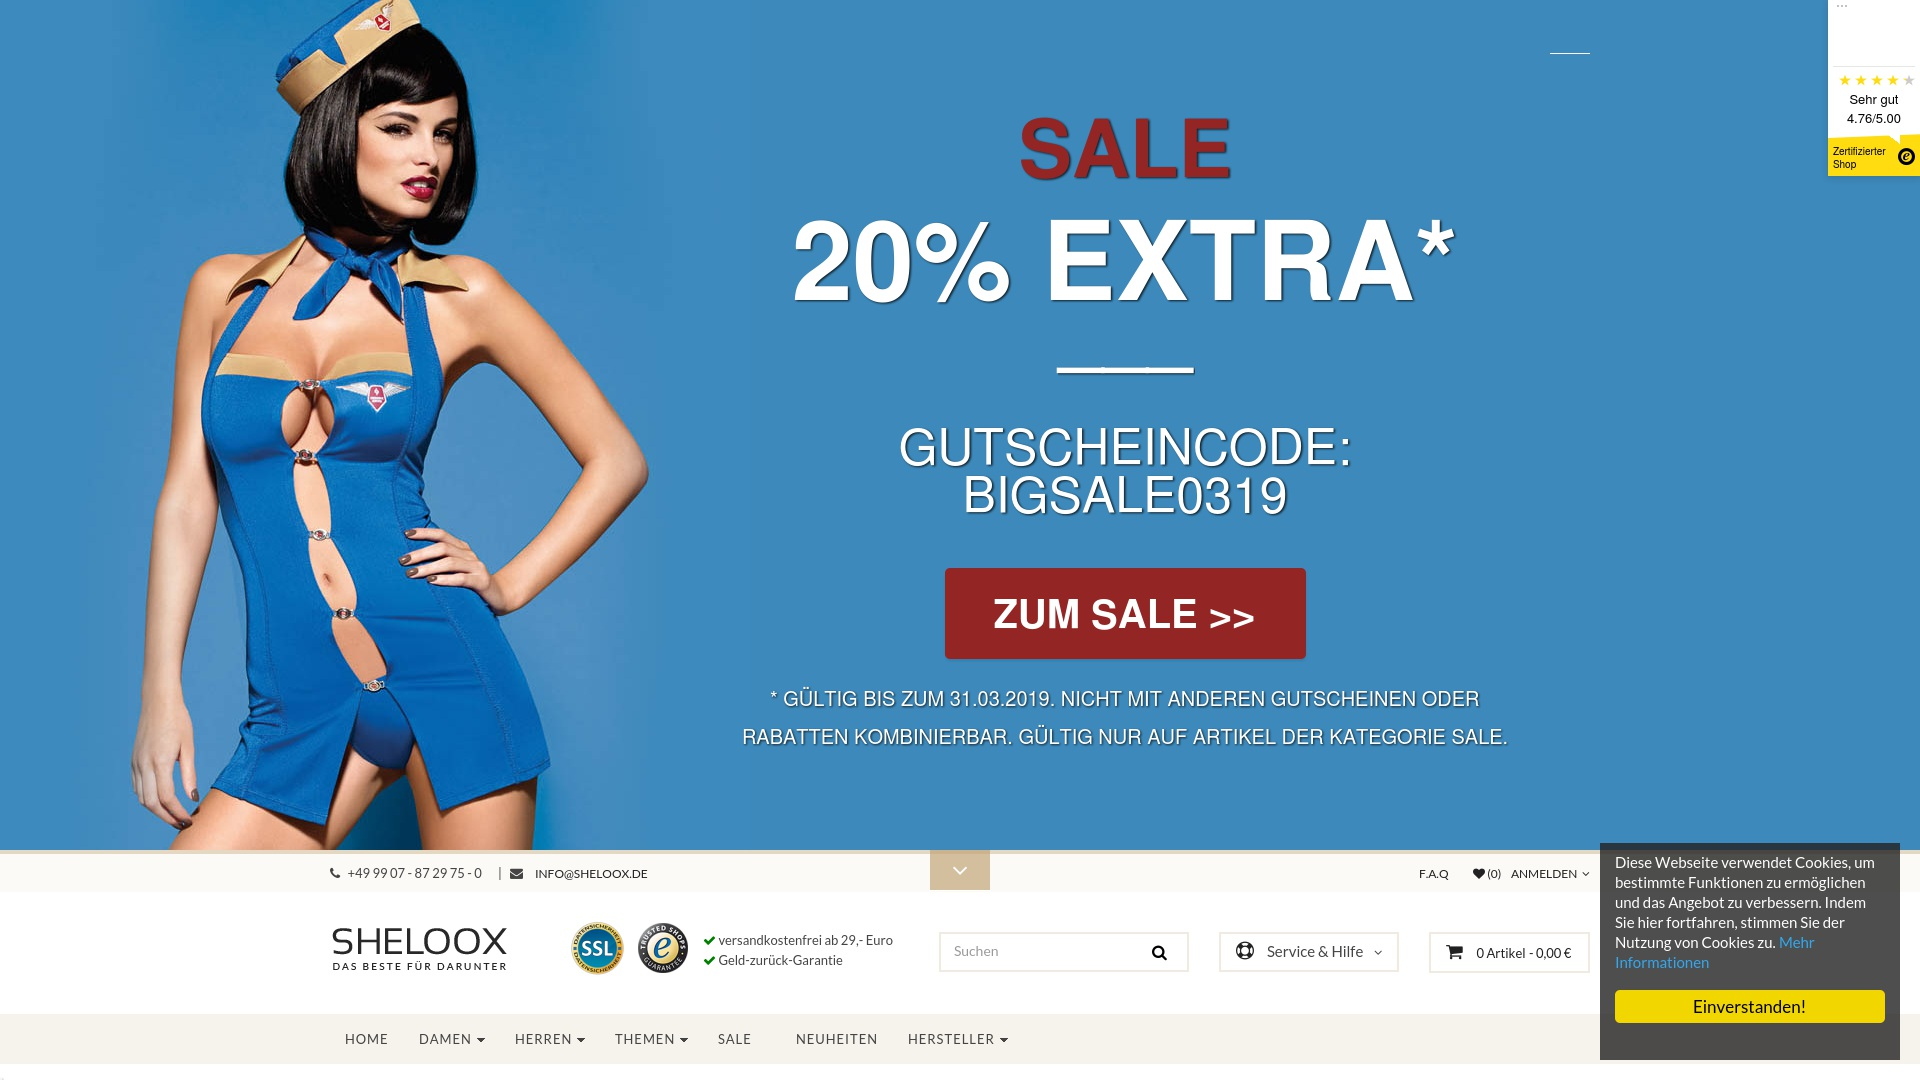 Geld zurück bei Sheloox: Jetzt im Oktober 2021 Cashback für Sheloox sichern